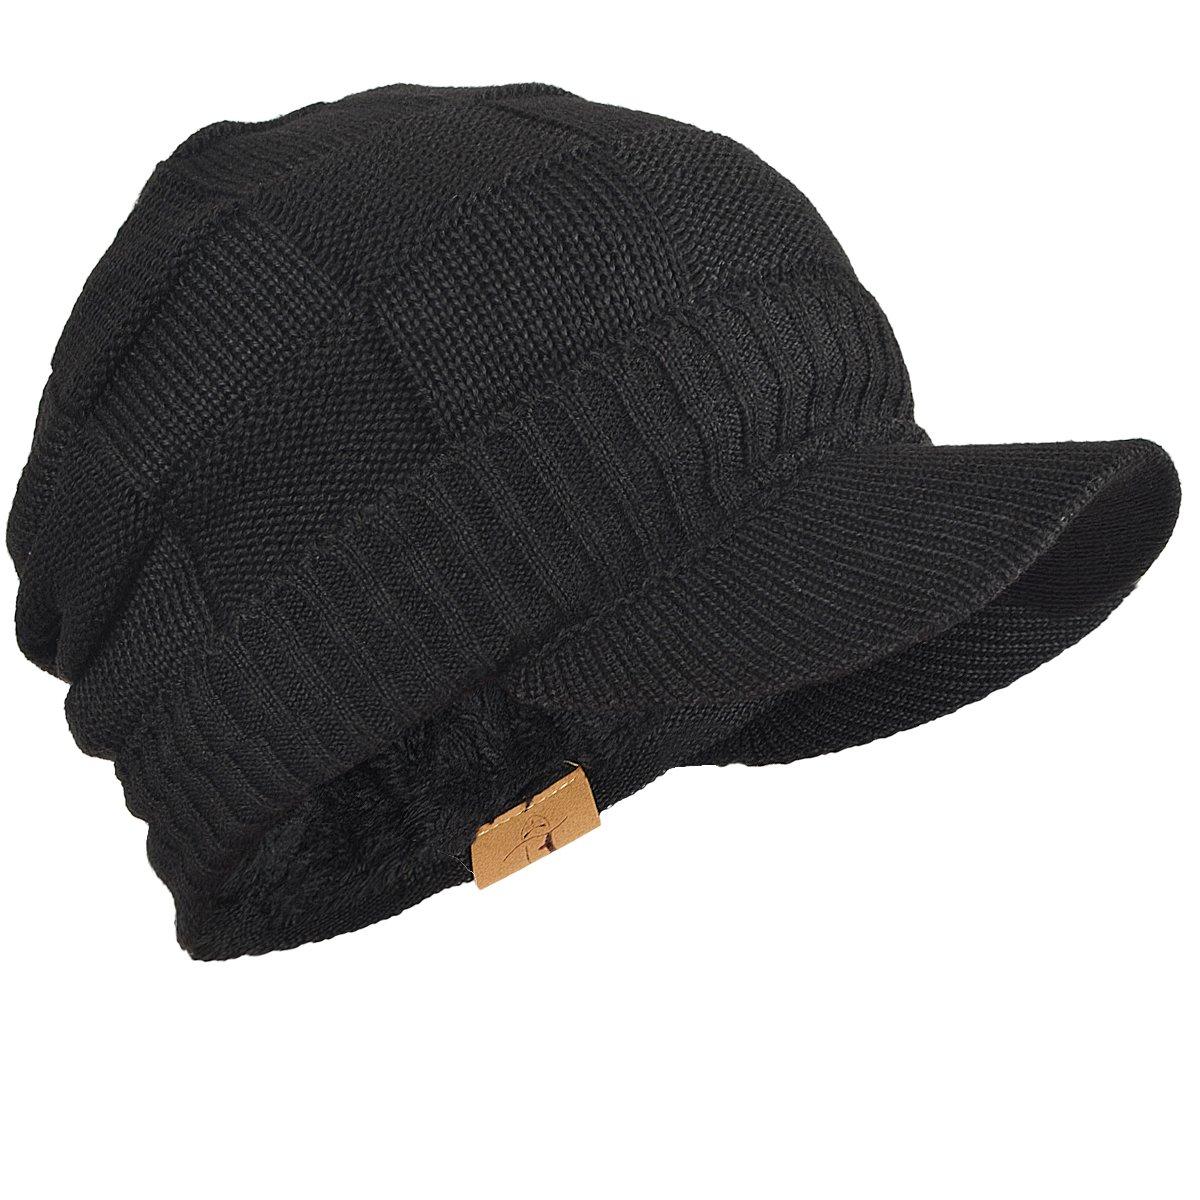 FORBUSITE Men Knitted Visor Beanie Hat for Winter B322-BK-42